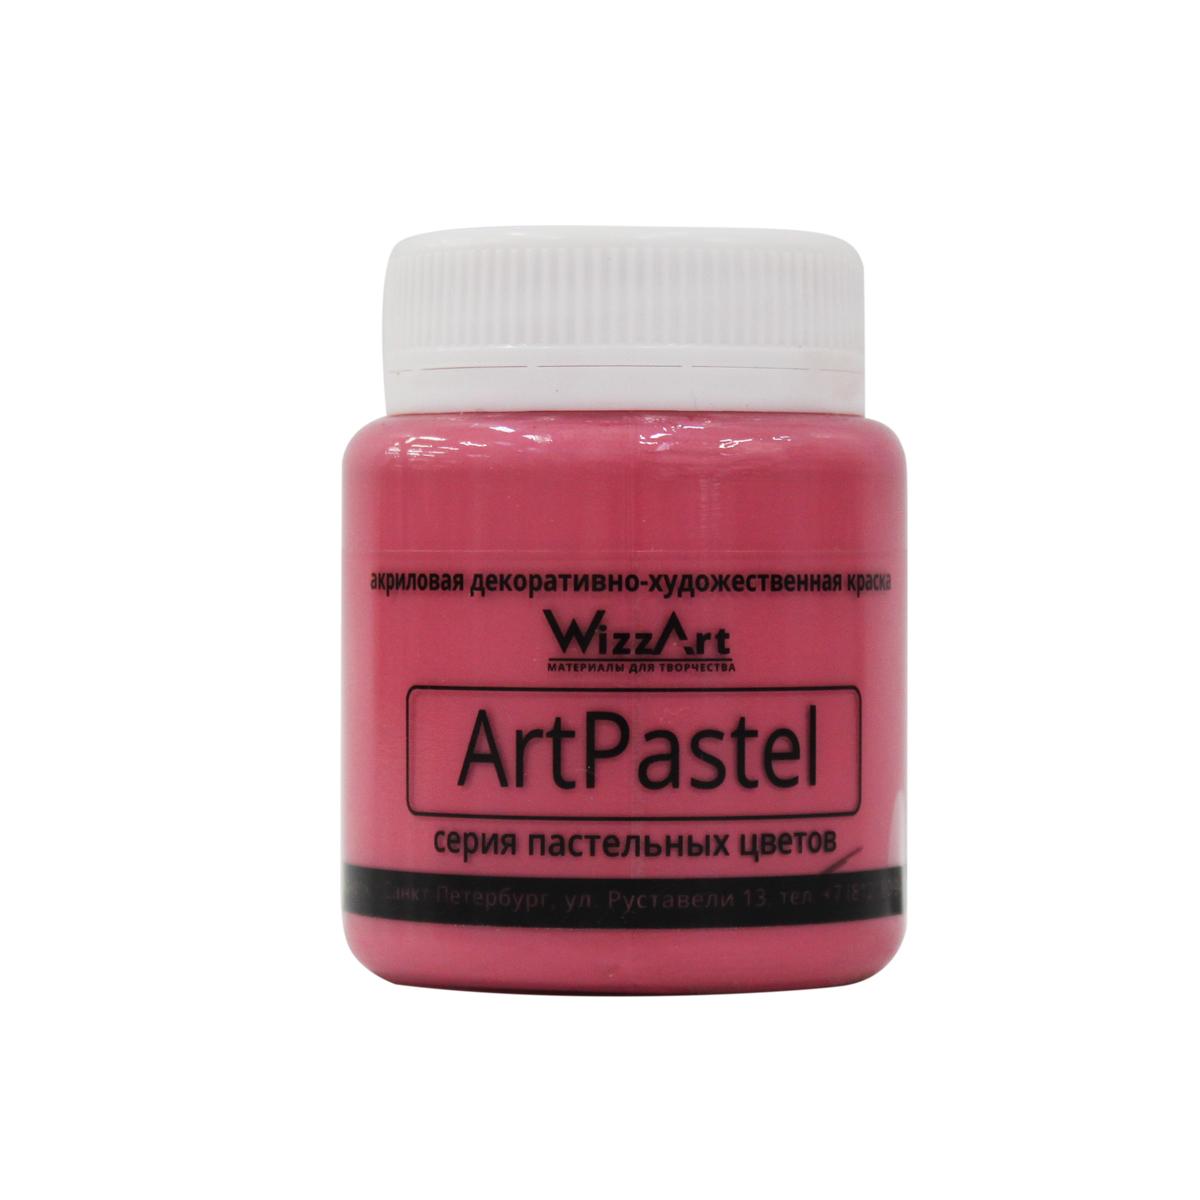 Краска акриловая WizzArt ArtPastel, цвет: красный, 80 мл961122-12Серия пастельных оттенков декоративно-художественных акриловых красок от компании WizzArt называется ArtPastel и прекрасно дополняет ассортимент красок этой фирмы. Богатая гамма легких и нежных оттенков дает широкие возможности для воплощения творческих замыслов художников и рукодельниц. Все тона отлично сочетаются между собой. Эти акриловые краски ложатся ровно и приятны в работе, имеют прочное сцепление с поверхностью, не меняют цвет под воздействием внешней среды и не выгорают на свету. Для наилучшего сцепления твердые поверхности необходимо обезжирить, перед тем как покрыть их краской. Краски WizzArt подходят для декоративных работ на всевозможных поверхностях, как гладких, так и пористых. Отличное качество продукции непременно оценят поклонницы различных видов творчества, в которых нужно работать с красками. Пастельные акриловые краски ArtPastel не имеют резкого запаха, не выделяют вредных веществ, после высыхания приобретают устойчивость к воздействию влаги. Объем: 80 мл. Товар сертифицирован.